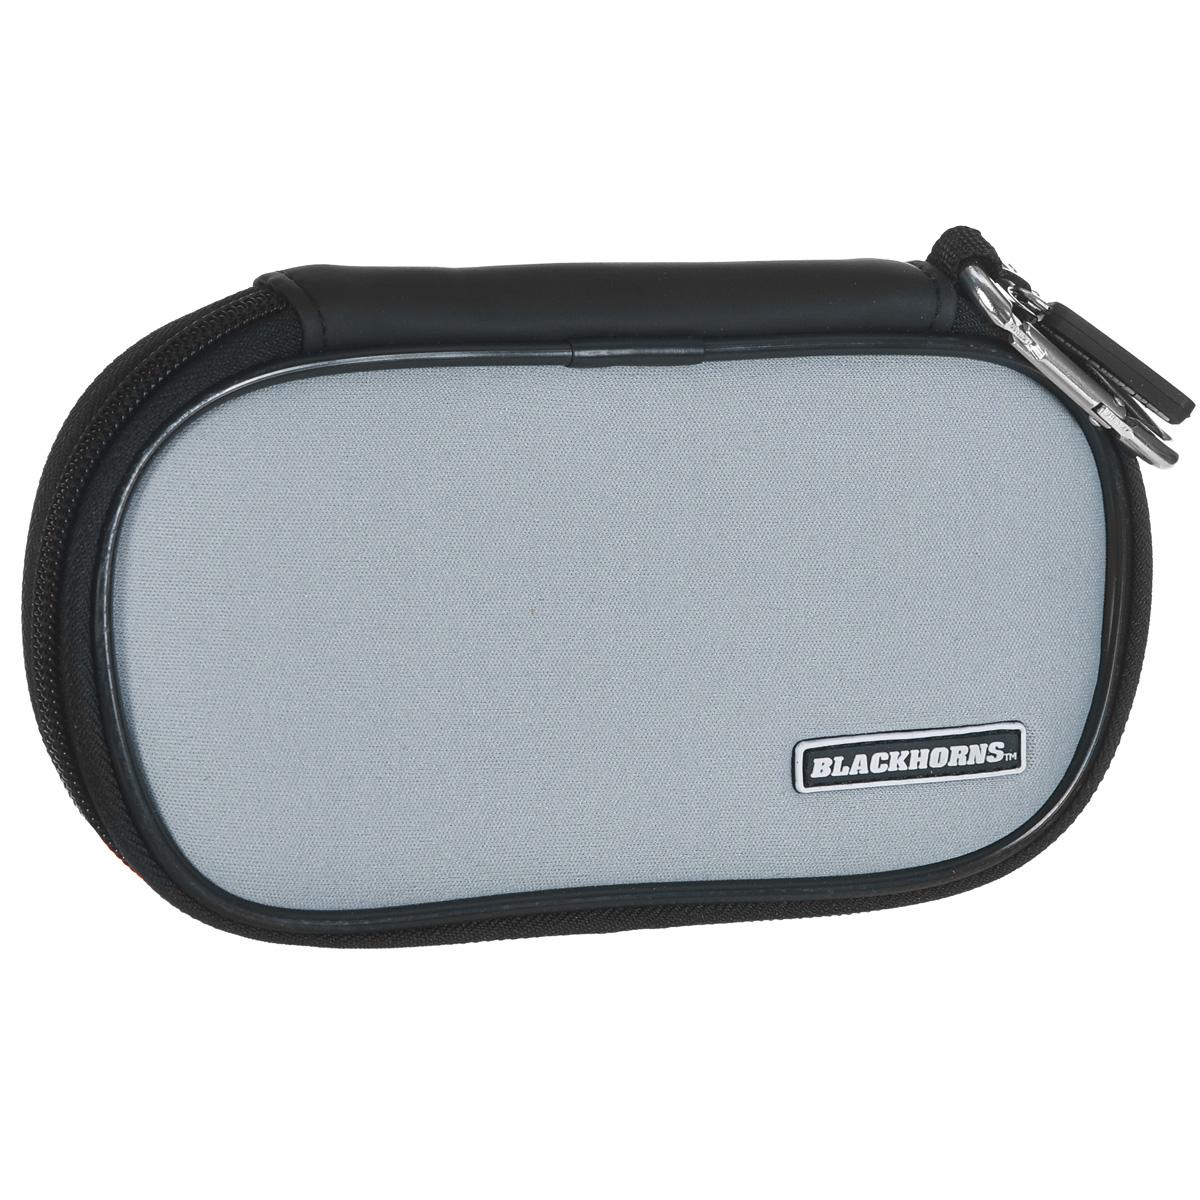 все цены на  Чехол мягкий Black Horns для Sony PSP E1000/2000/3000, серый  онлайн